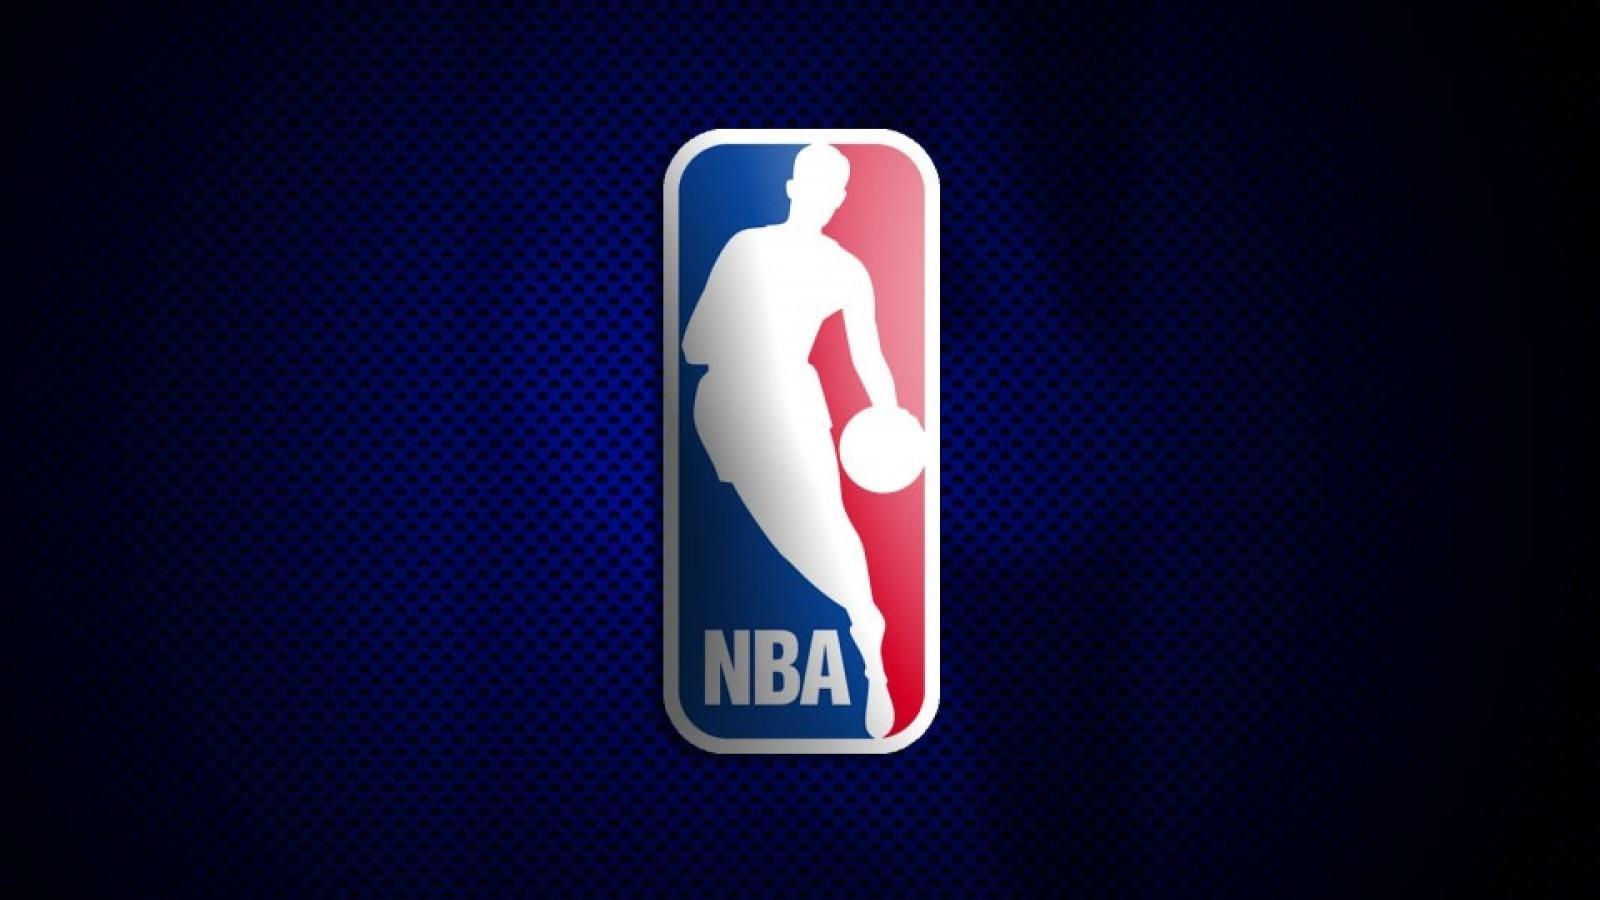 Найкращі моменти матчів НБА 4 грудня: відео